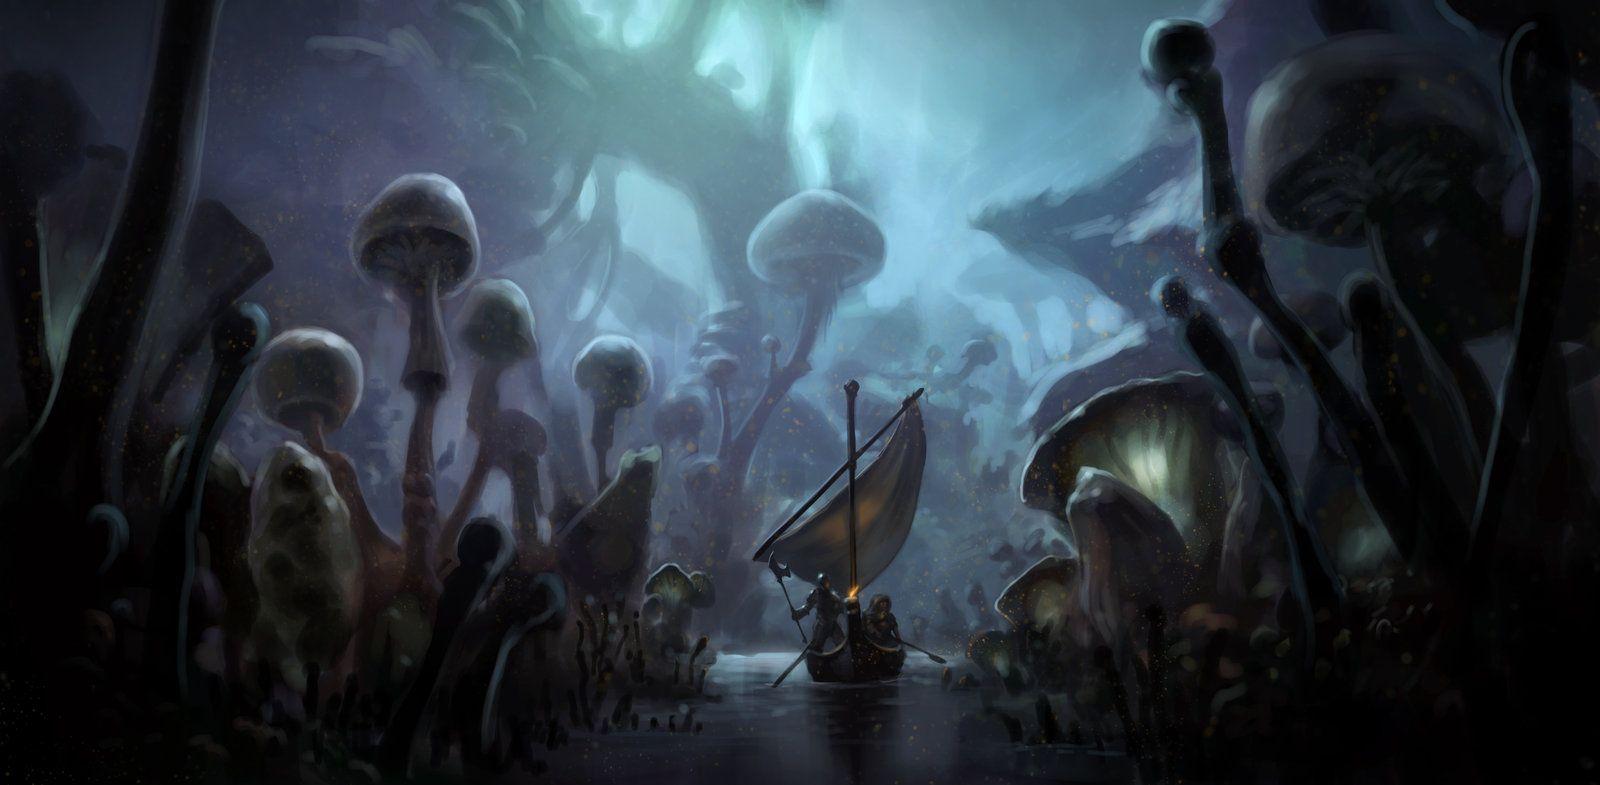 swamp art - Поиск в Google   Swamp   Pinterest ...